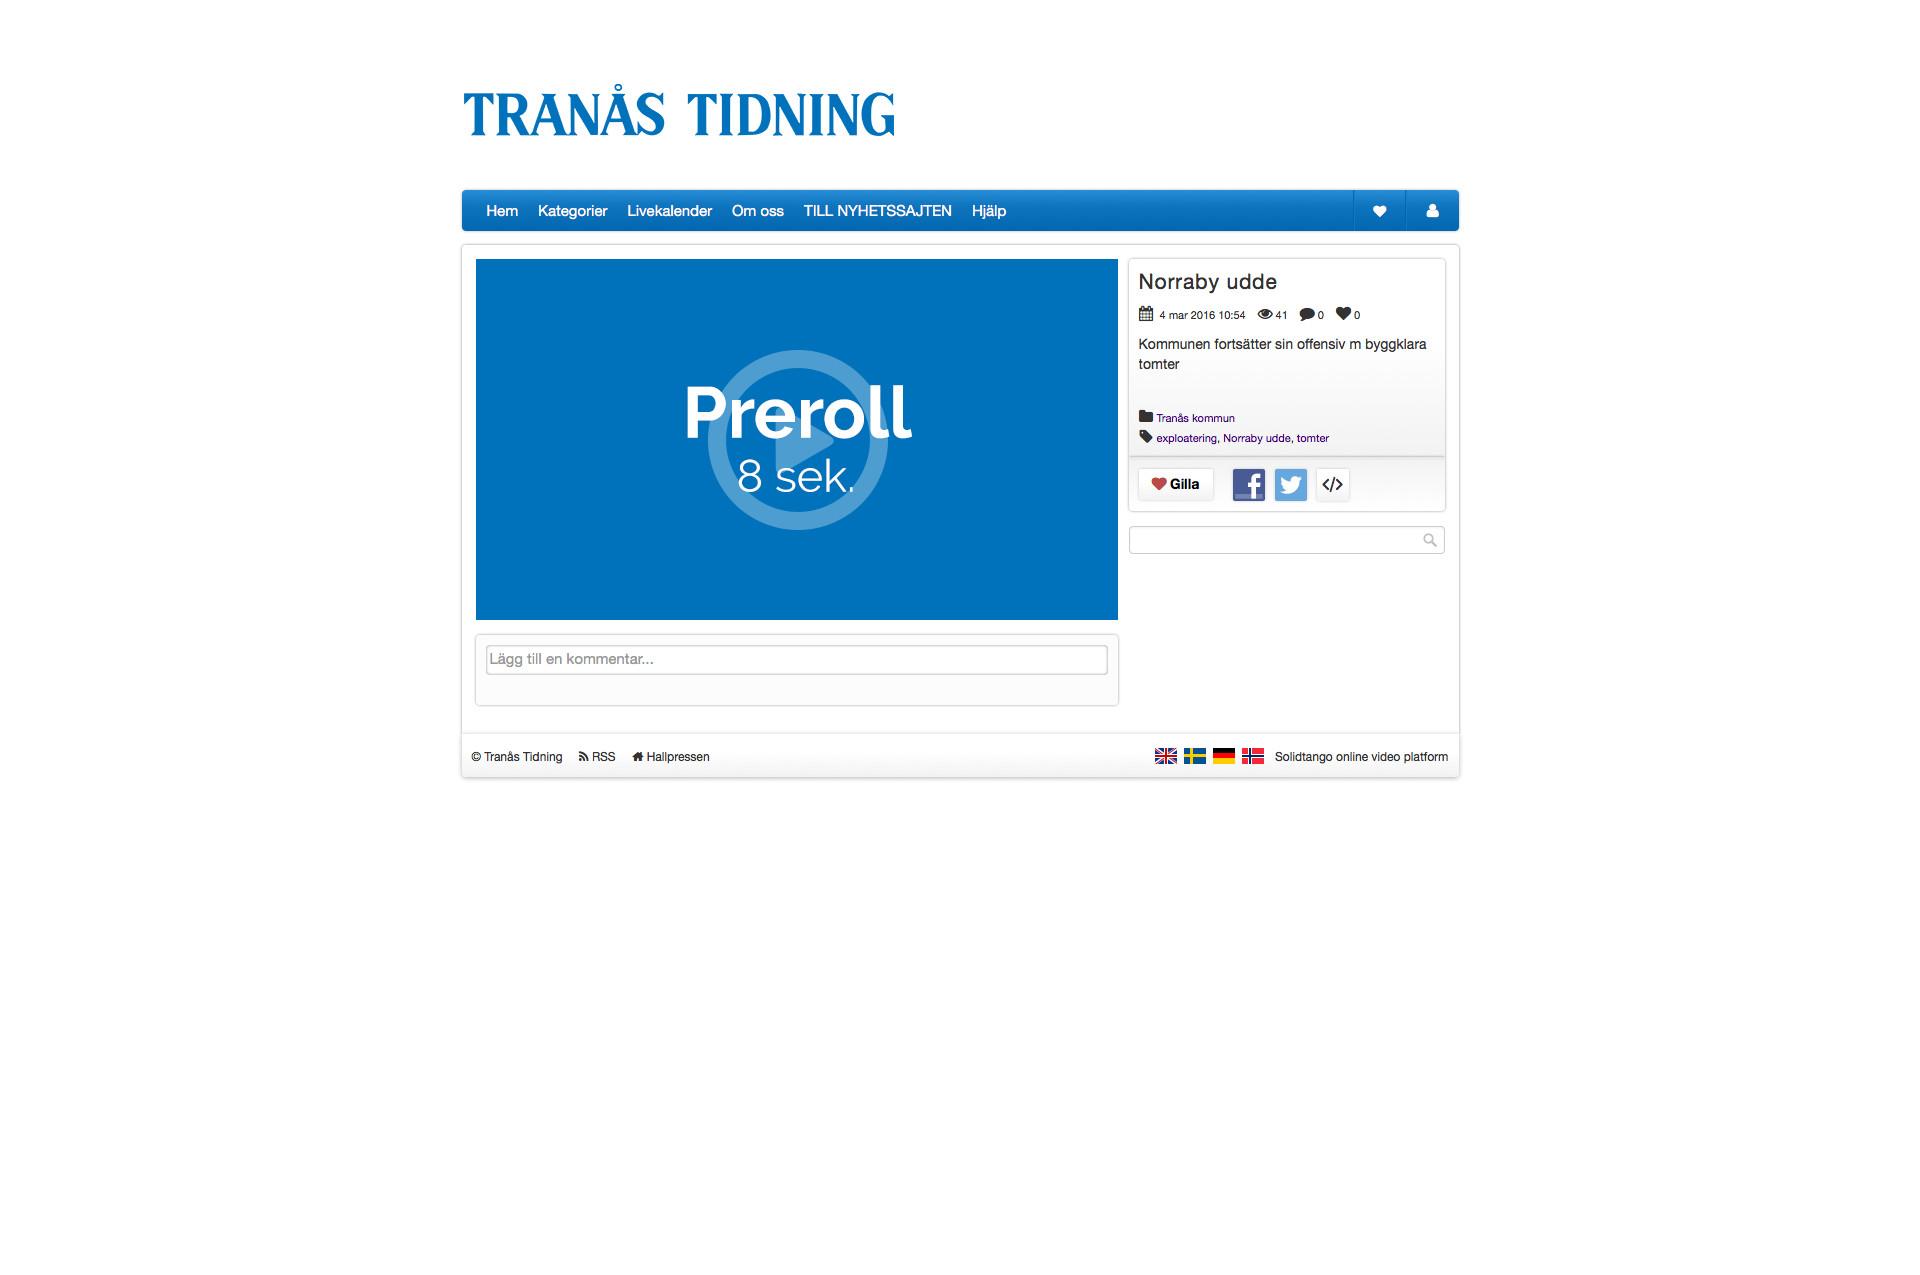 Preroll